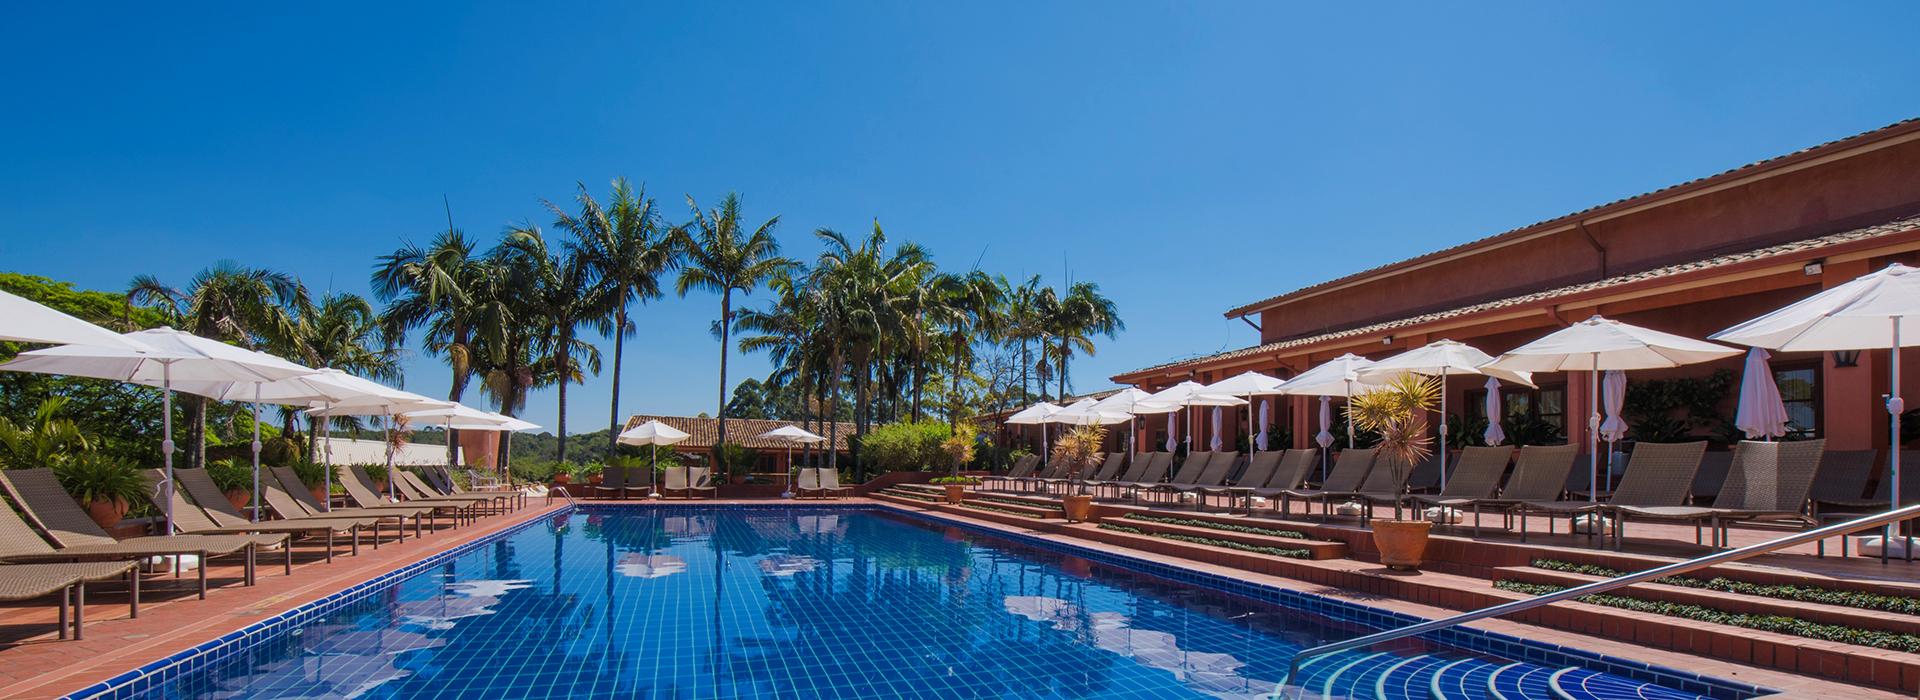 Hotel Villa Rossa infra_piscina_bn_01